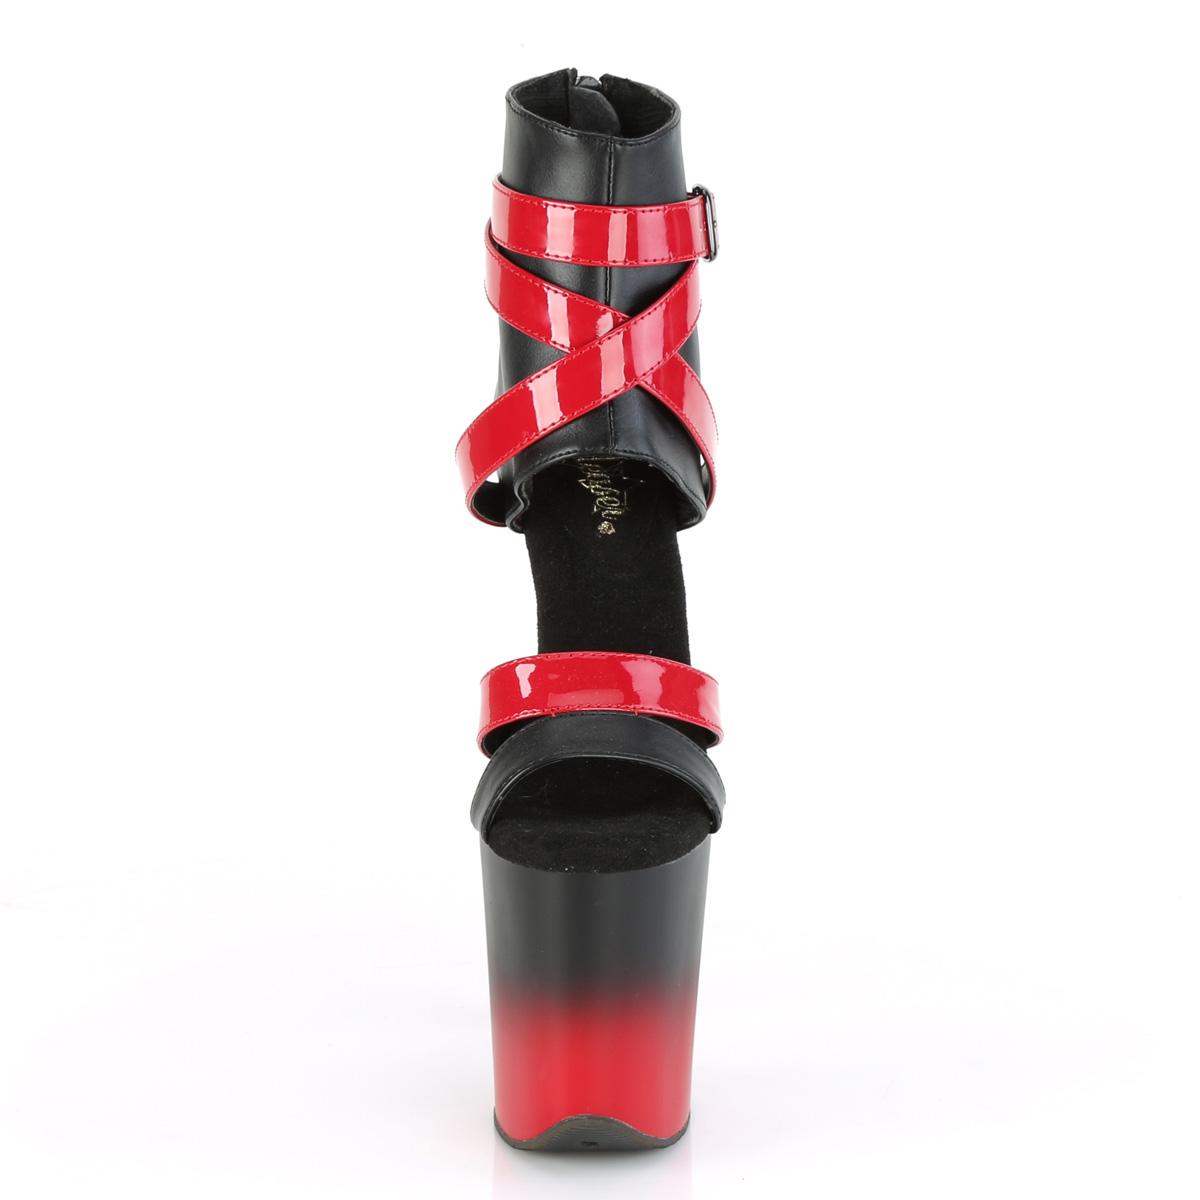 Pleaser(プリーザー) FLAMINGO-800-15 フラミンゴ 2トーンカラーブーティサンダル バックZIP ブラック/レッド◆取り寄せ